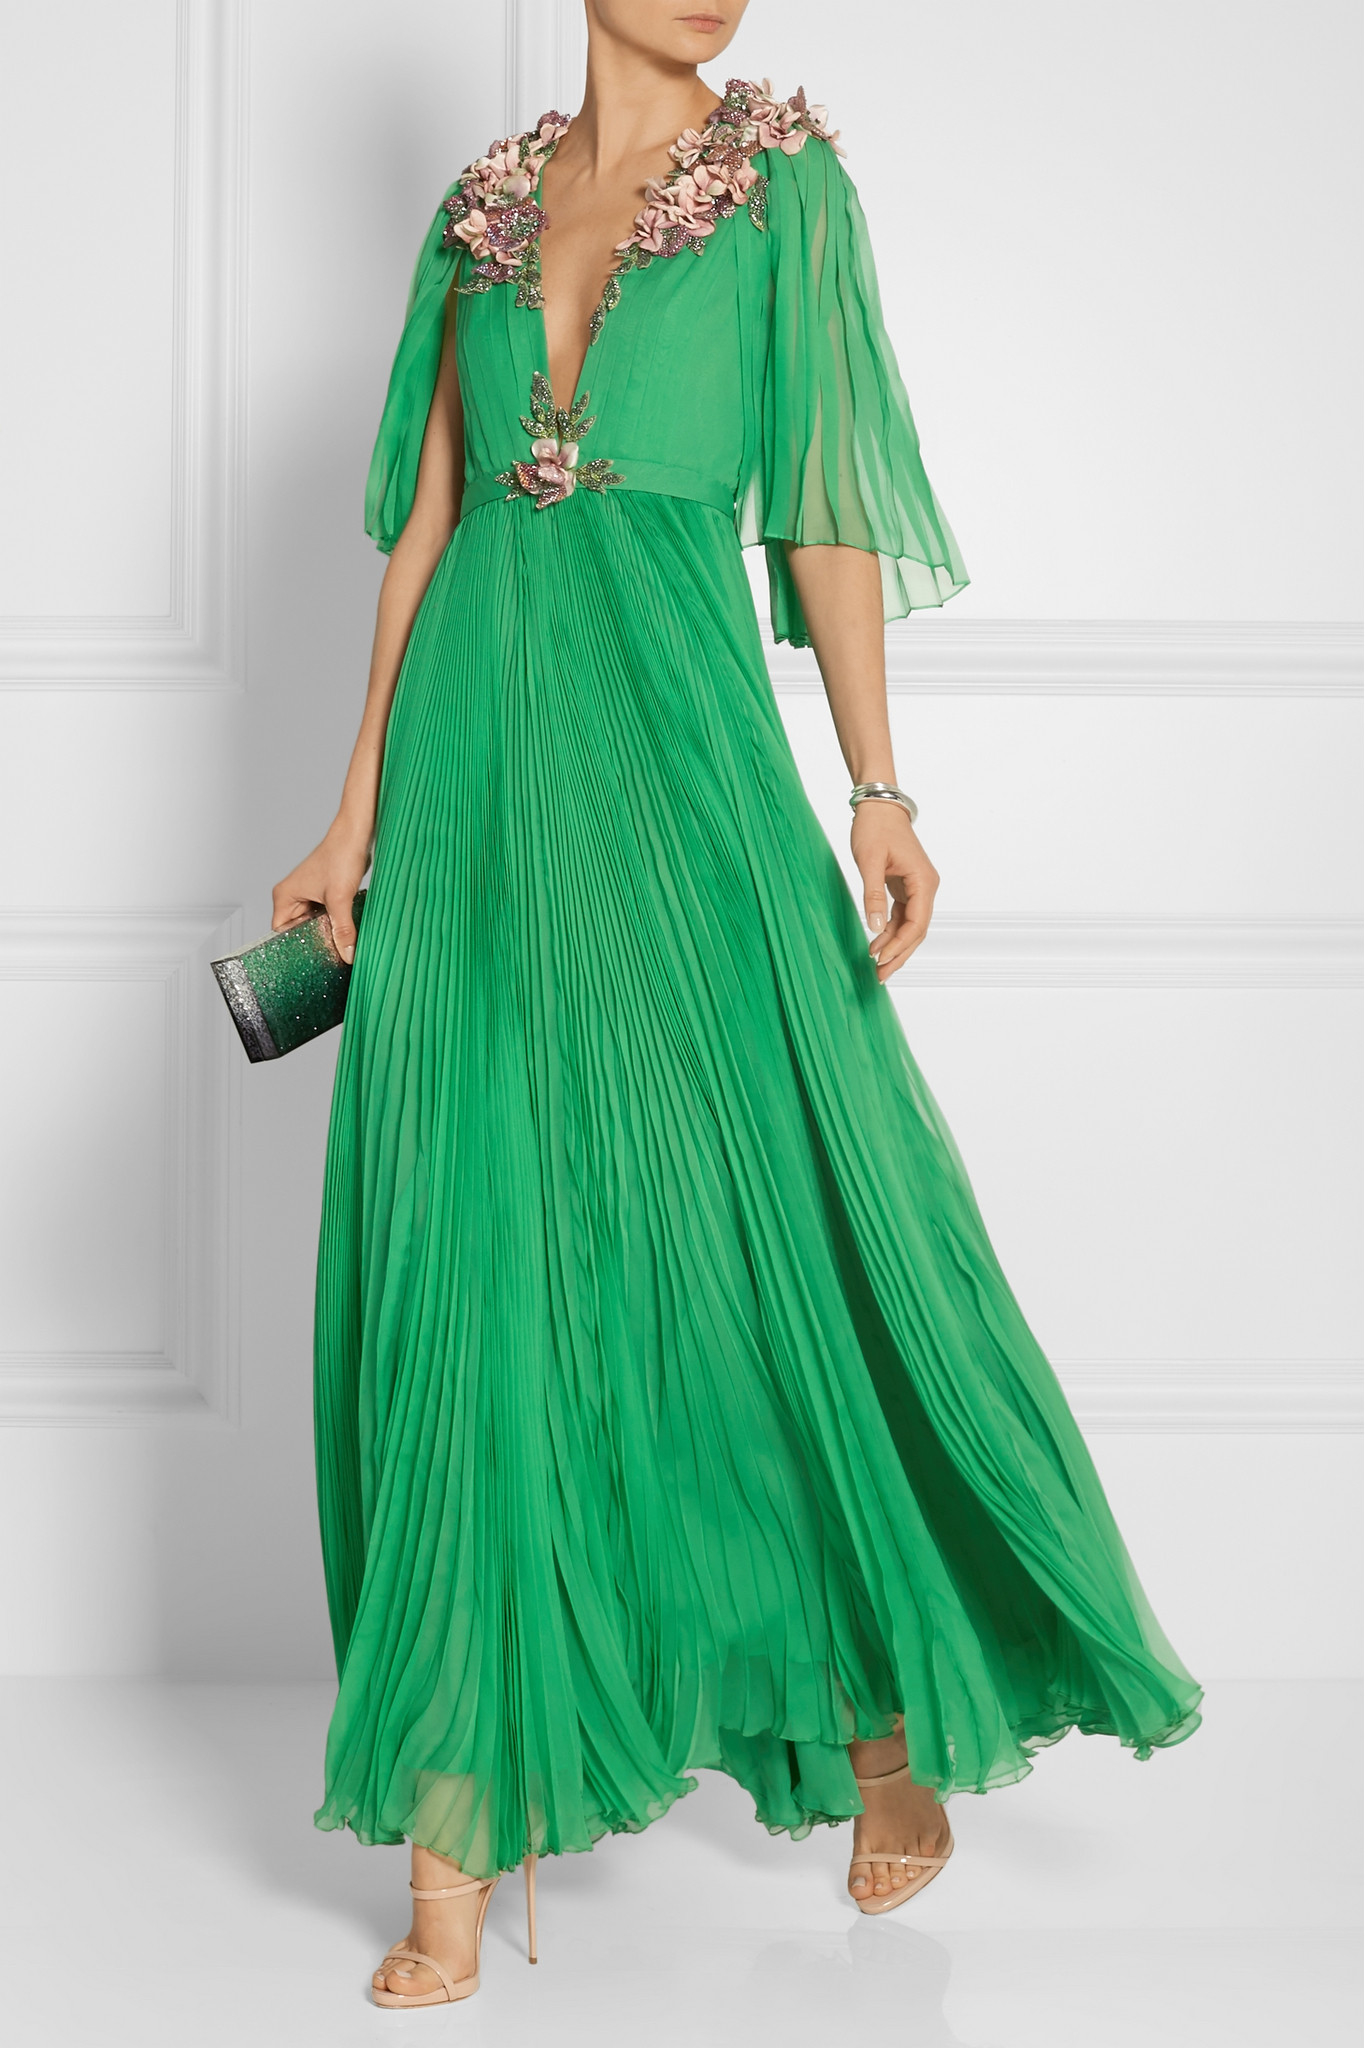 Lyst - Gucci Embellished Plissé Silk-chiffon Gown in Green